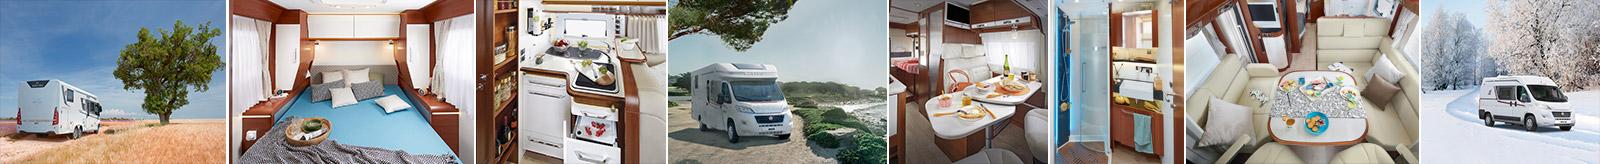 camping car rapido 2018